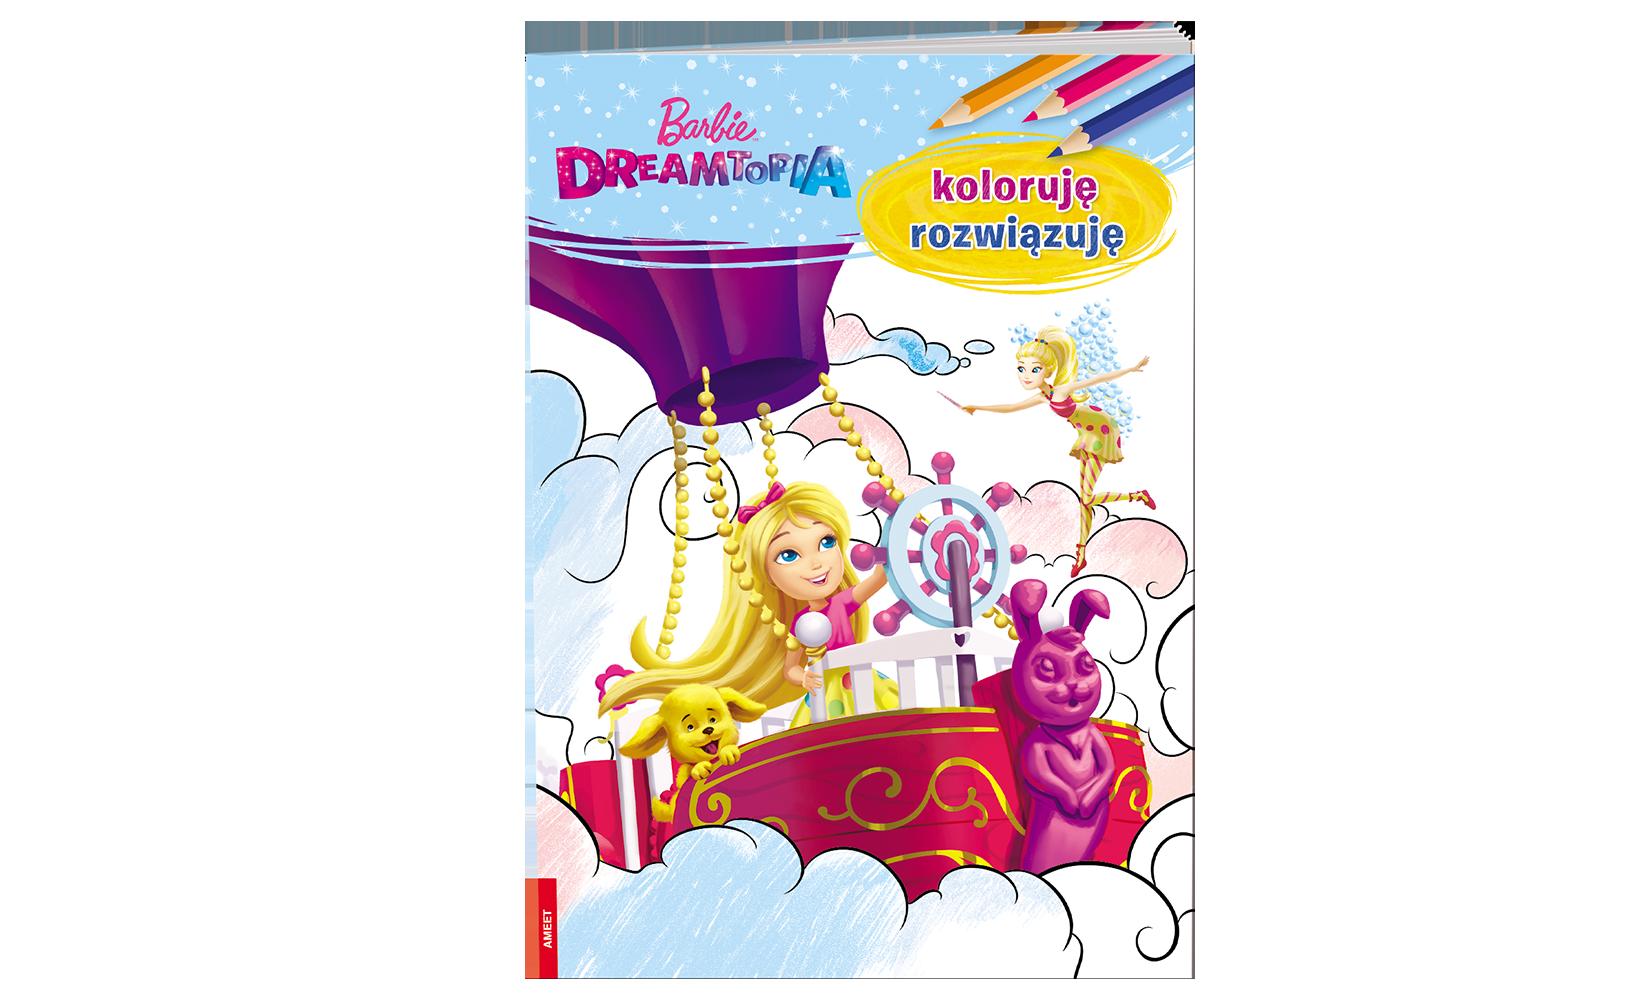 Barbie™ Dreamtopia. Koloruję, rozwiązuję.